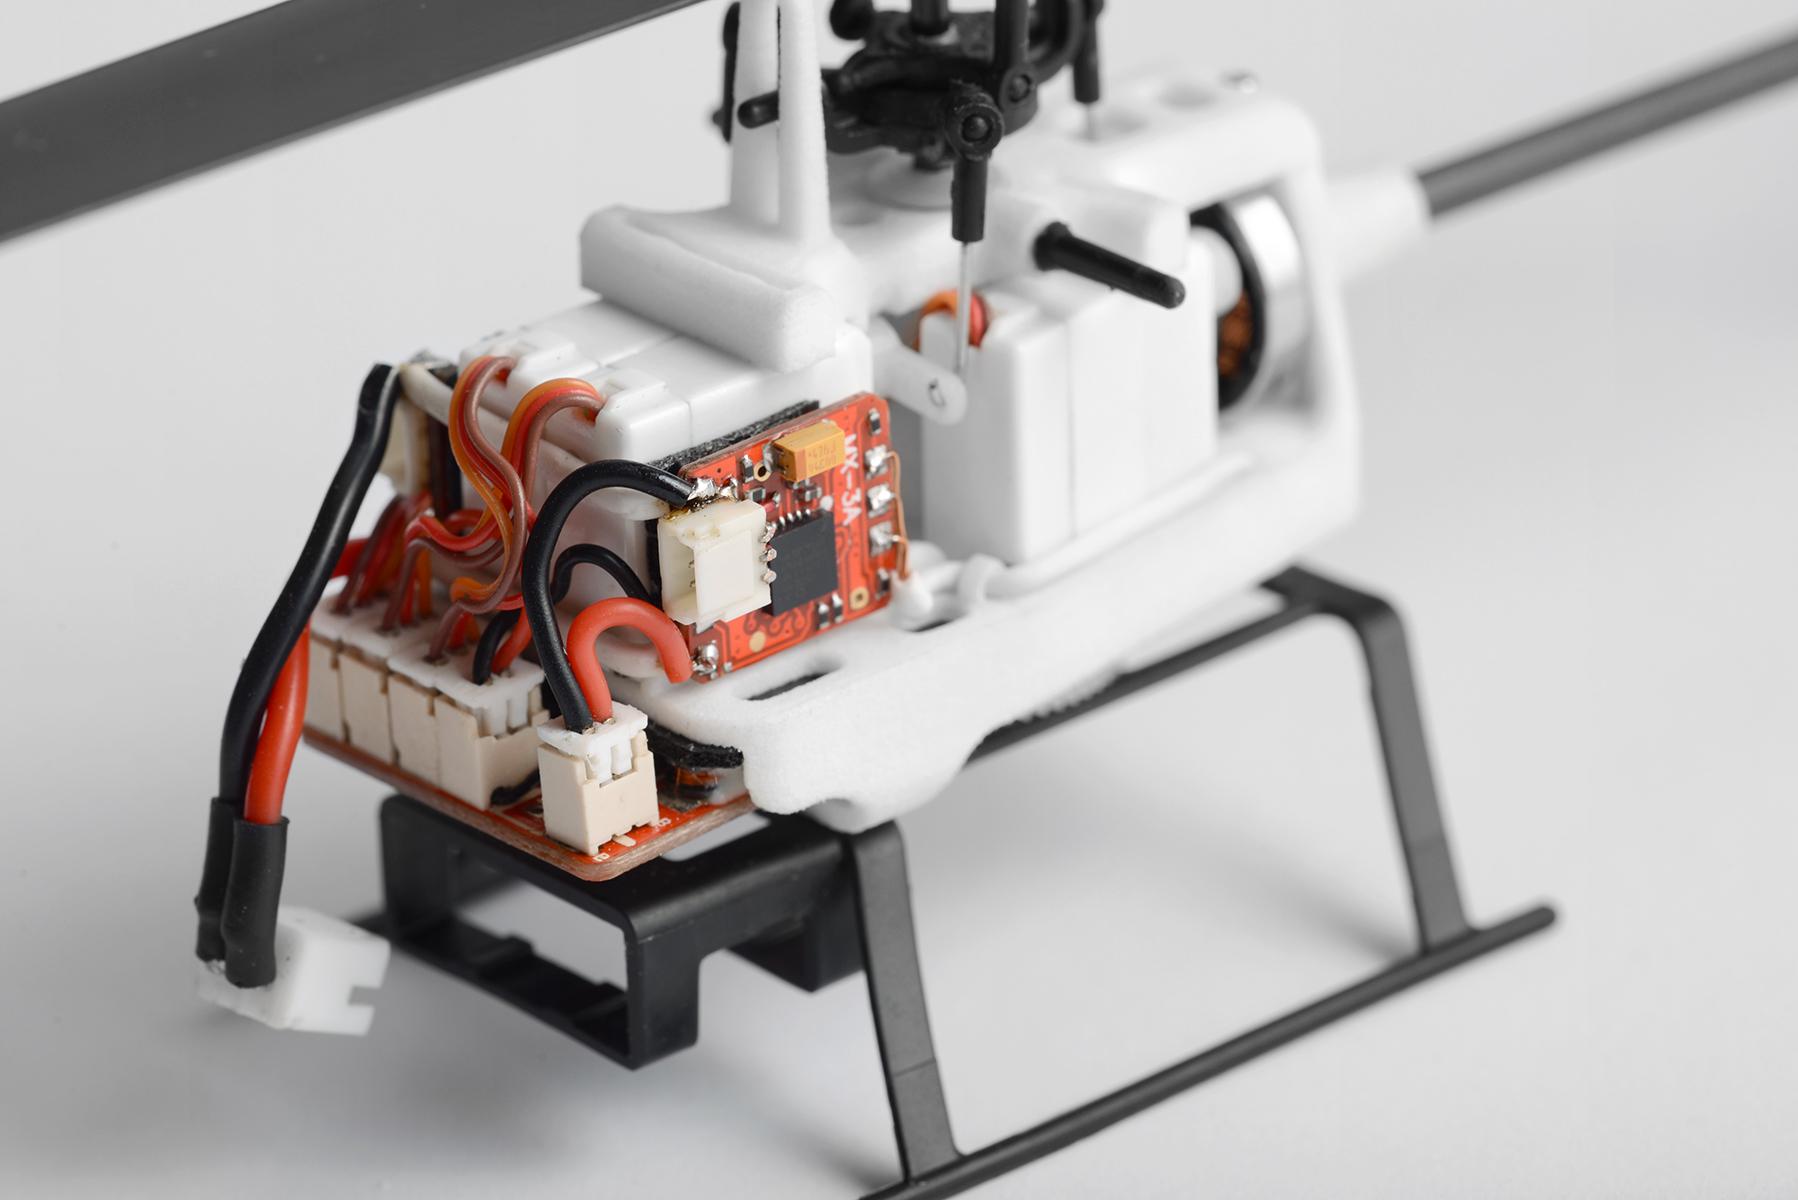 RX80 DIY